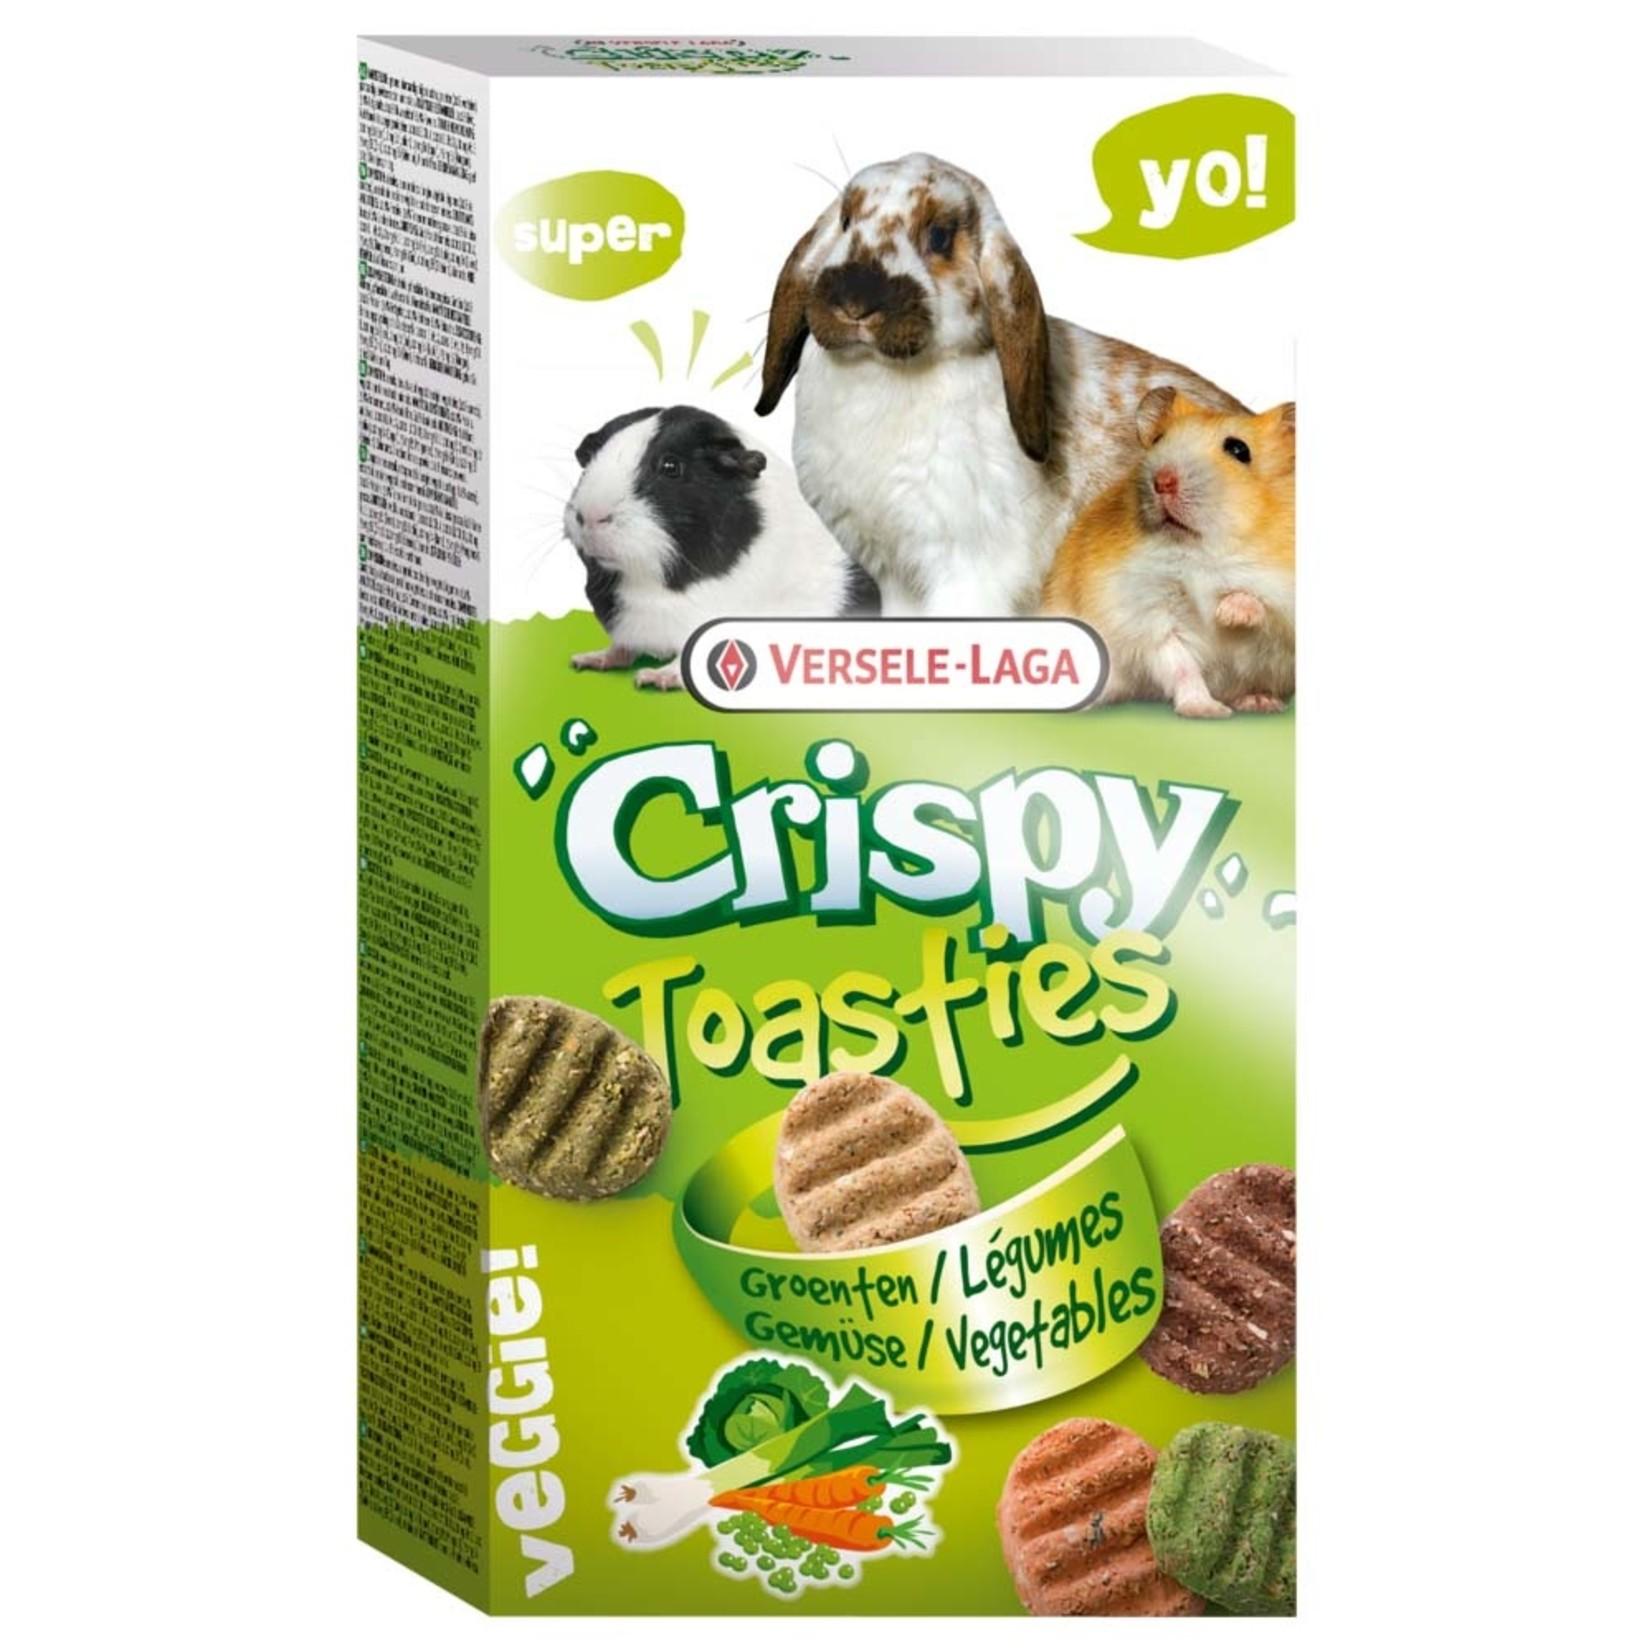 Versele-Laga Crispy toasties vegetable for small animals 150 g